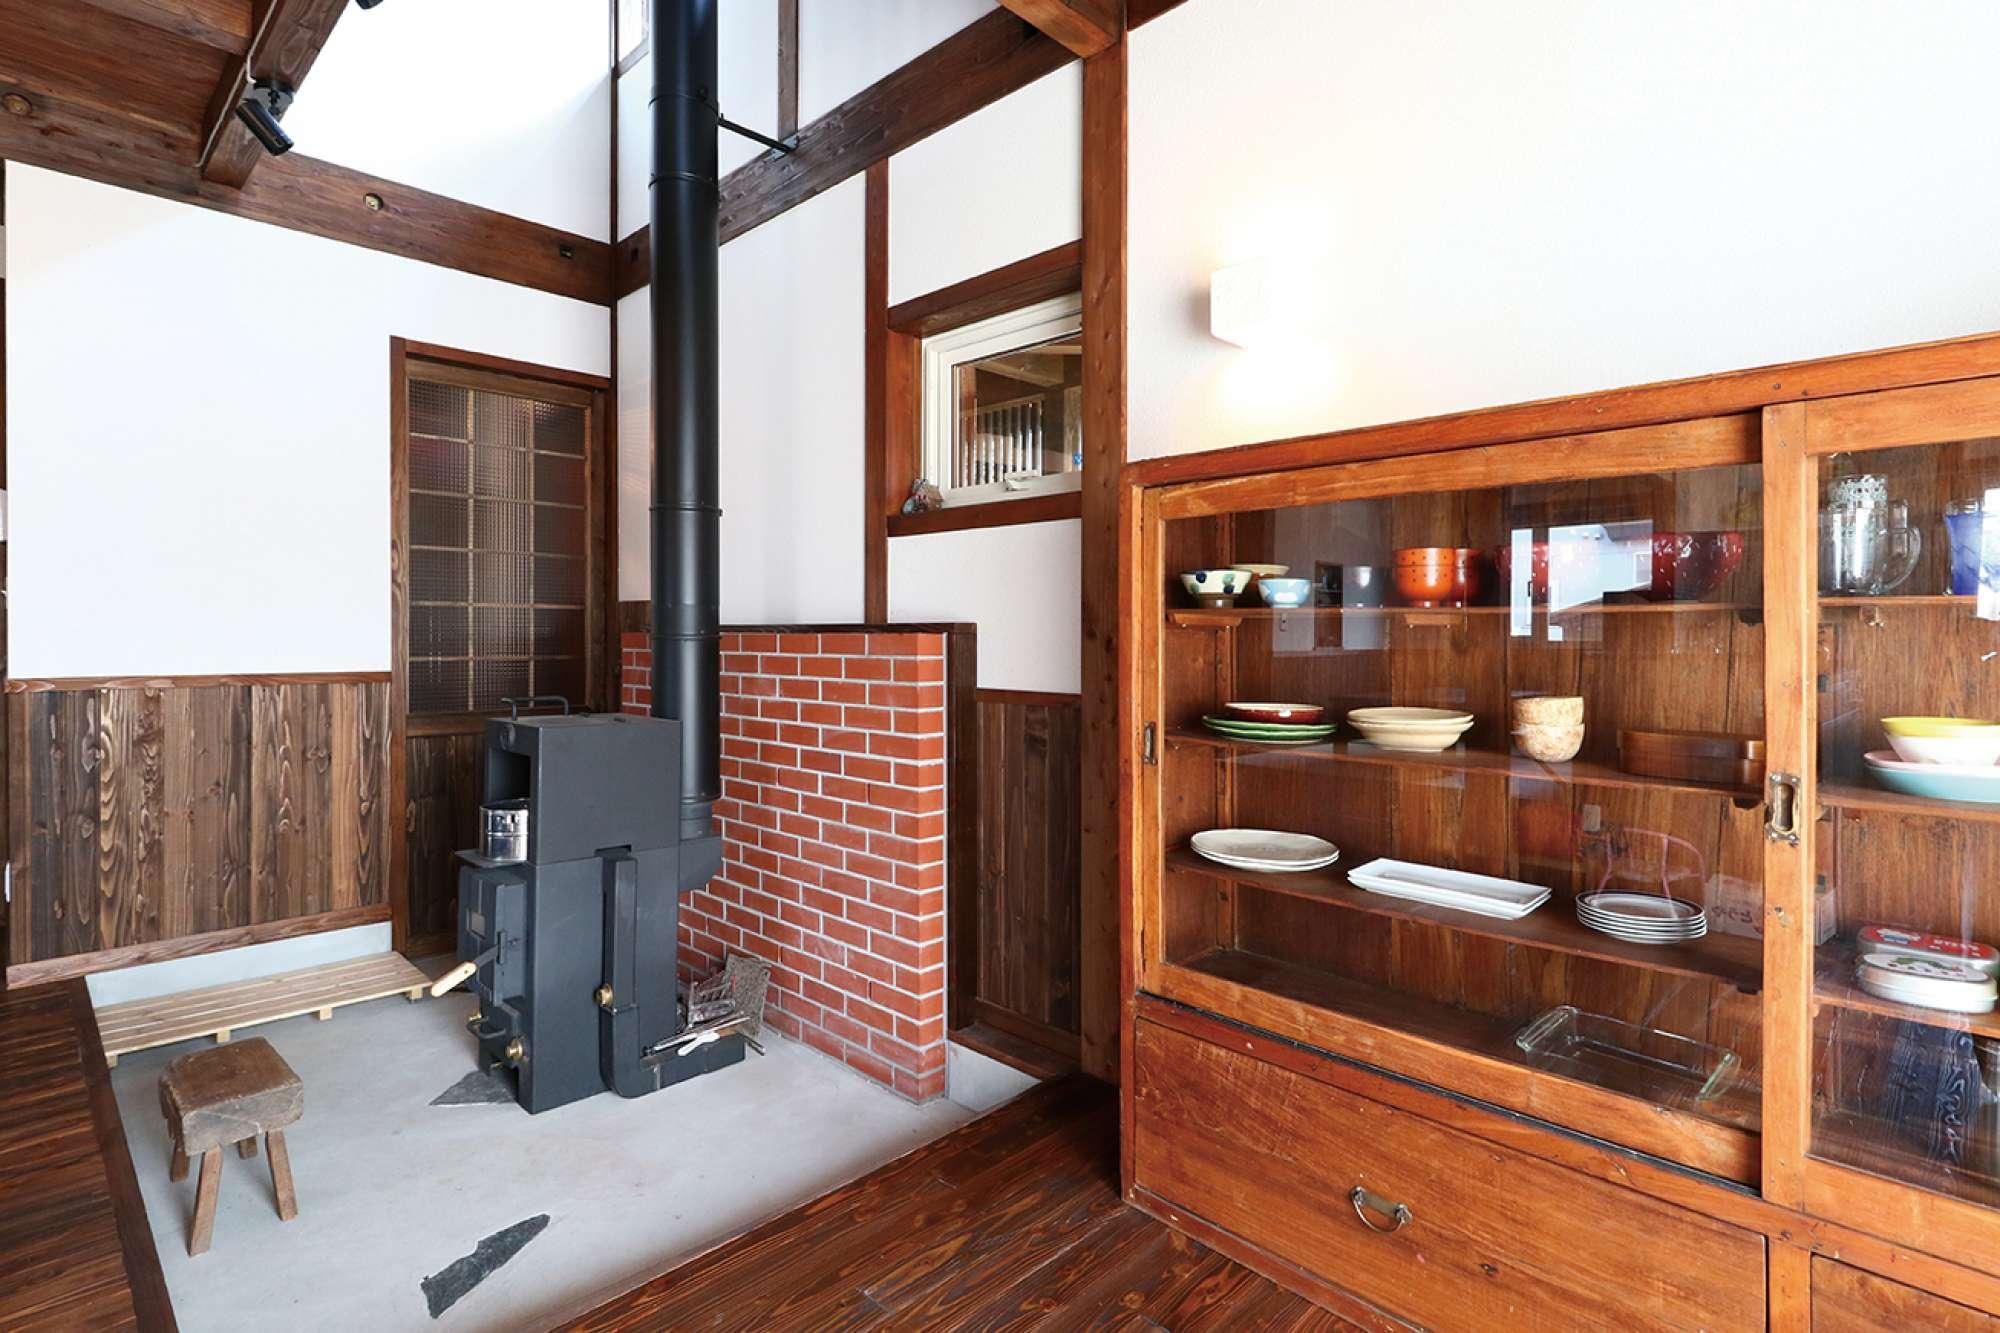 薪ストーブ背面のレンガを積み上げた壁が空間のアクセントに -  -  -